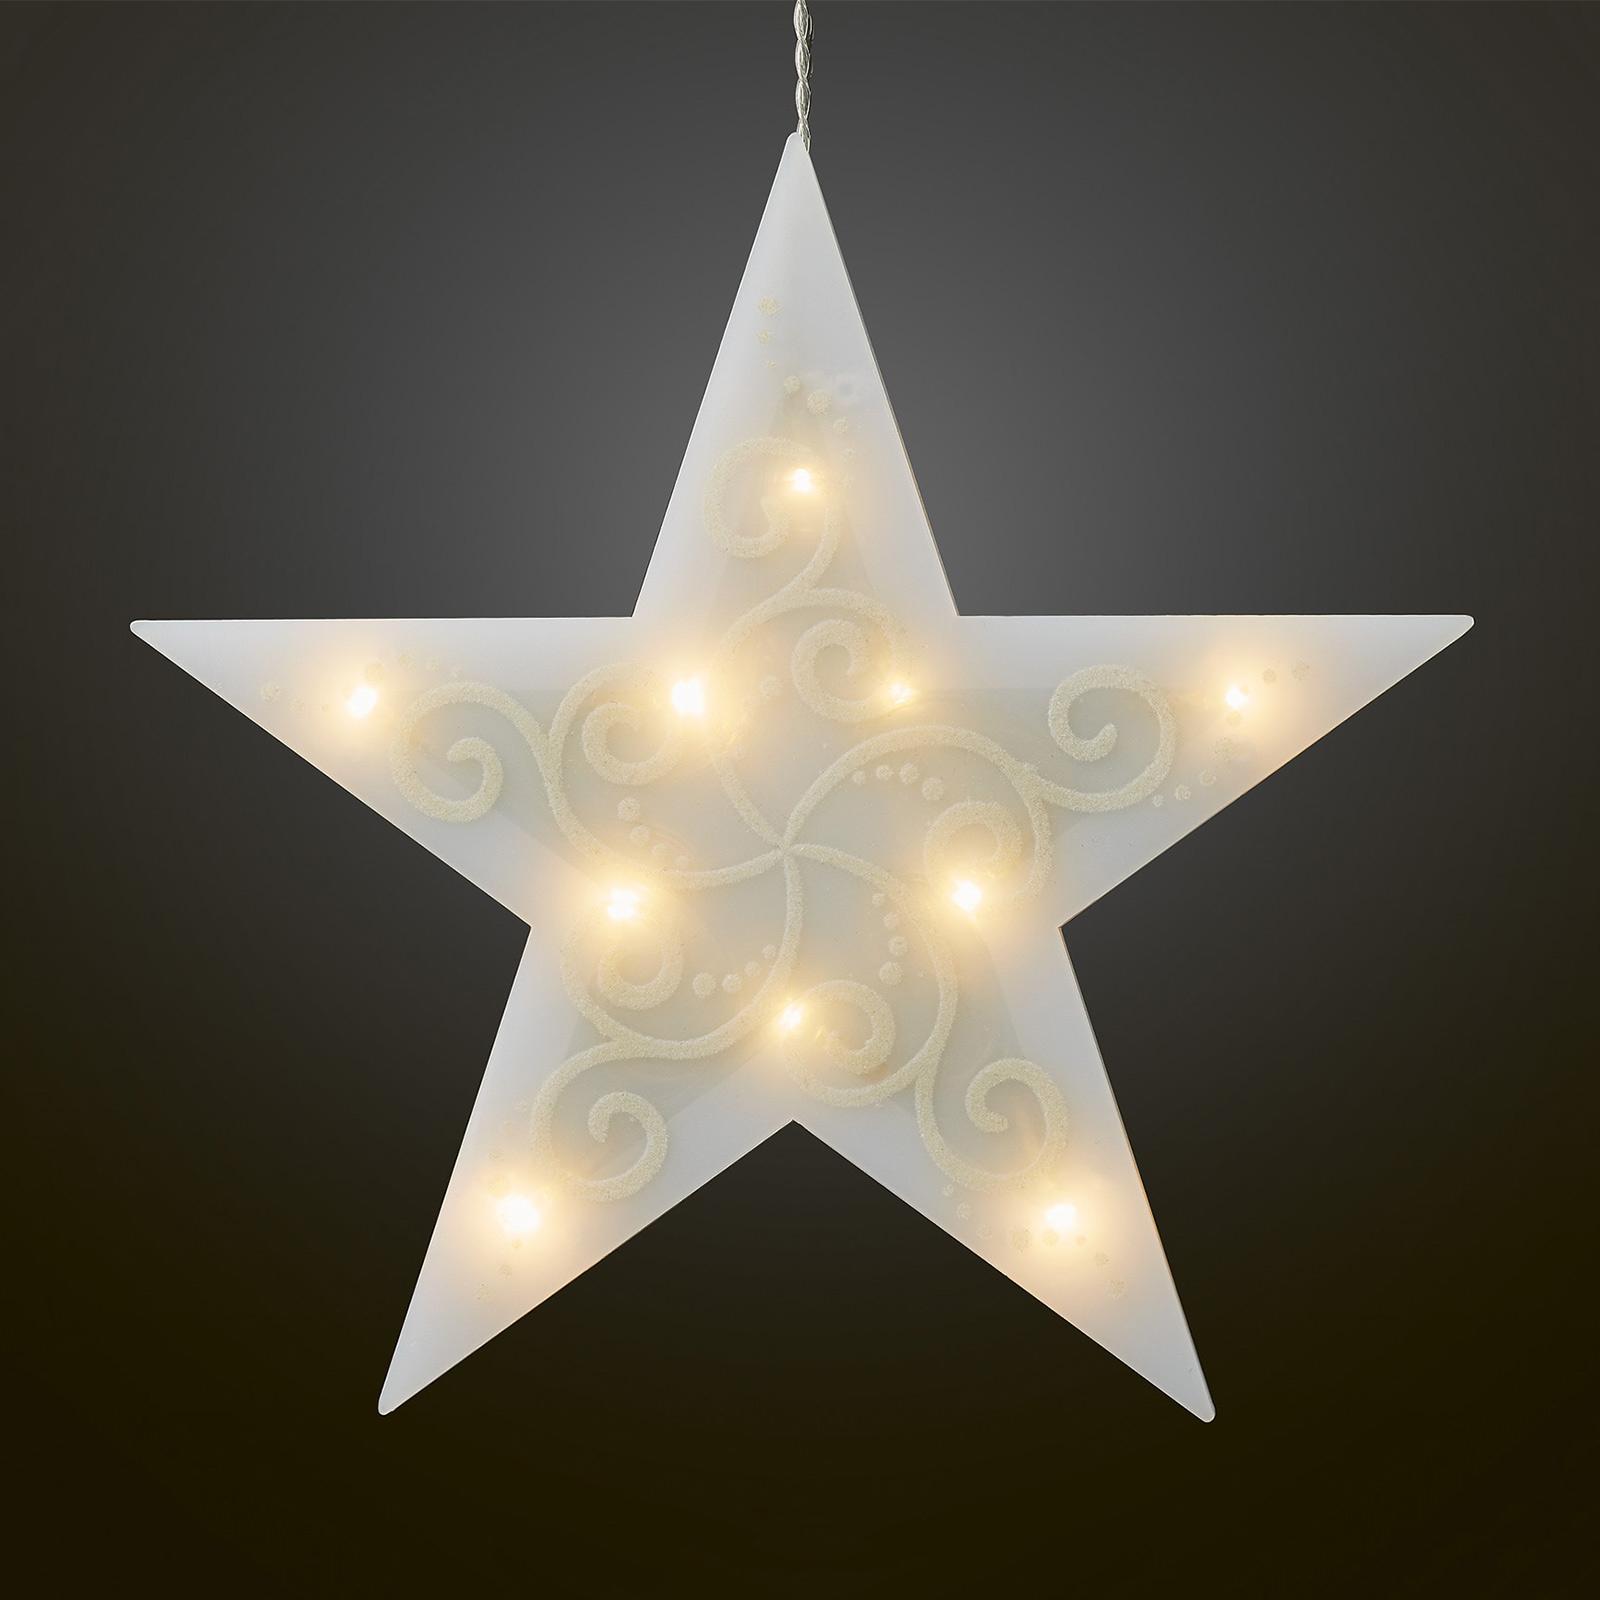 Gwiazda dekoracyjna, 5-ramienna, łańcuch świetlny